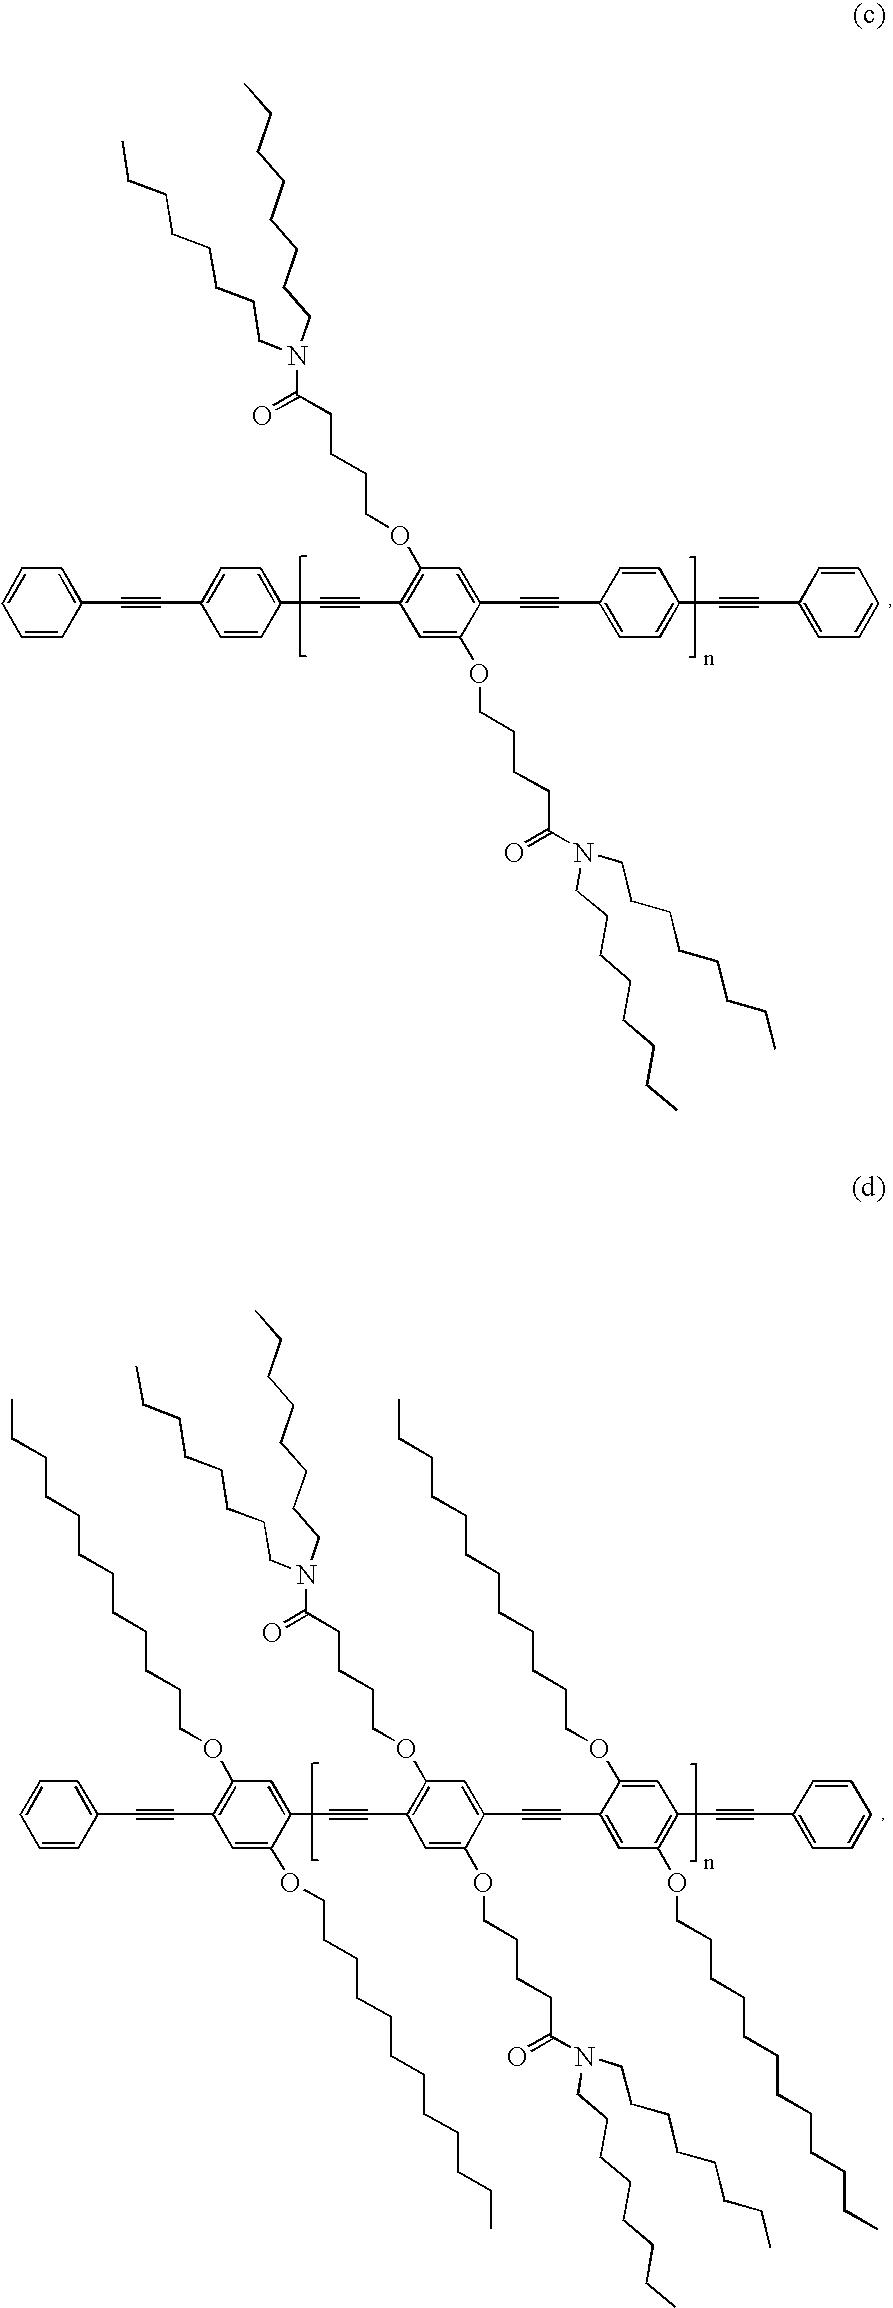 Figure US07479516-20090120-C00054